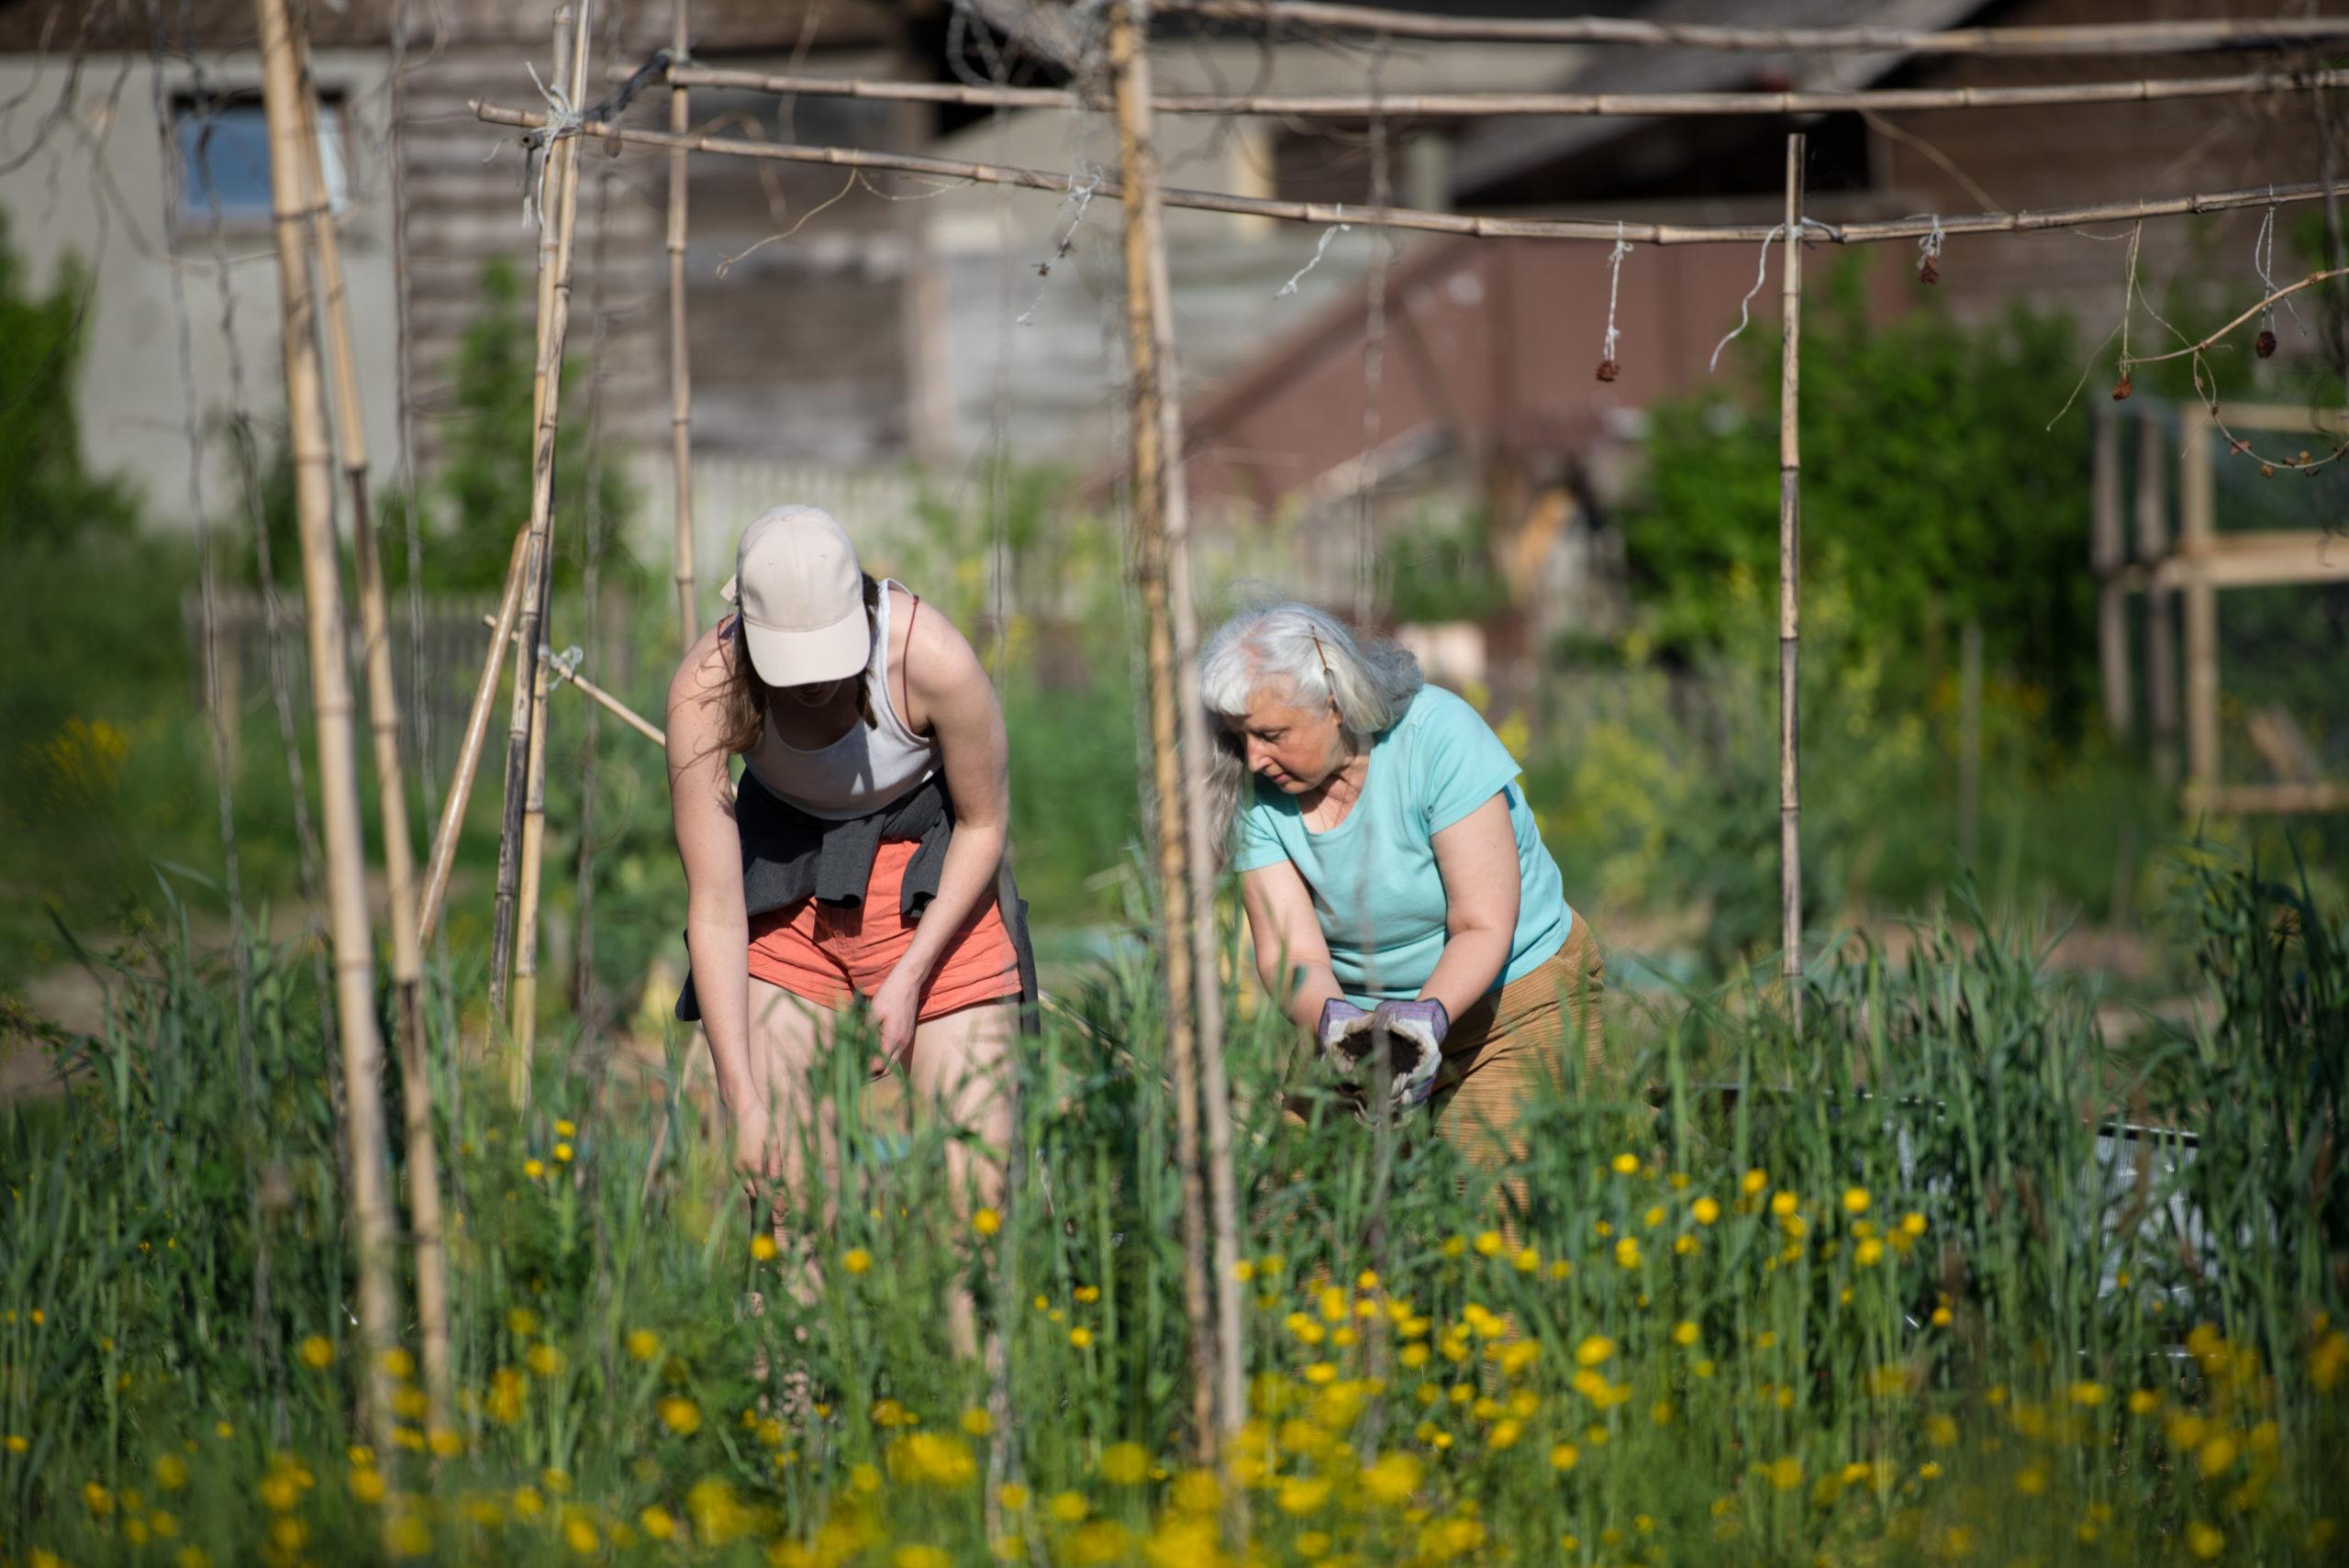 Démarrer un potager urbain - Entretenir son jardin